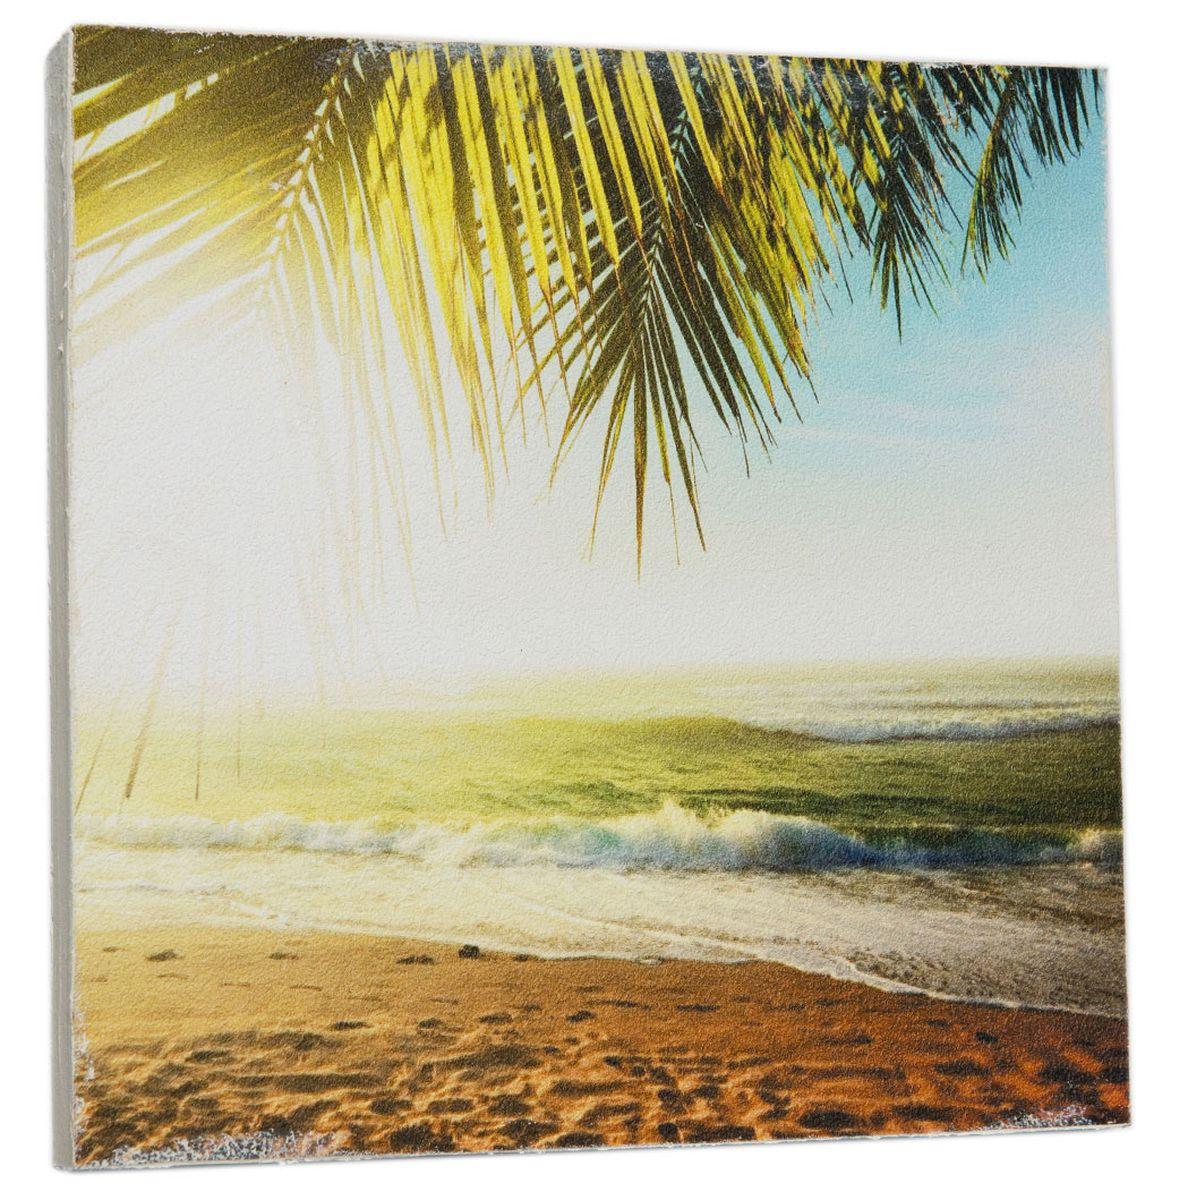 Картина Mister Poster Океан в солнечных лучах , 22 х 22 см4606400204268Картина Mister Poster - это высококачественная репродукция на деревянной раме. Лицевая поверхность имитирует штукатурку или натуральный холст, края окрашены вручную специальным декоративным составом.Современные технологии, уникальное оборудование и оригинальные чернила, используемые при изготовлении, делают постер устойчивым к выцветанию, а также гарантируют стойкость к воздействию негативных внешних факторов. Интерьер дома и офиса, в котором находится человек, в значительной степени влияет на его настроение и работоспособность. Правильное оформление интерьера создает благоприятный психологический климат, улучшает настроение и мотивирует. Добавьте «красок» в ваш интерьер и, возможно, в вашу жизнь.